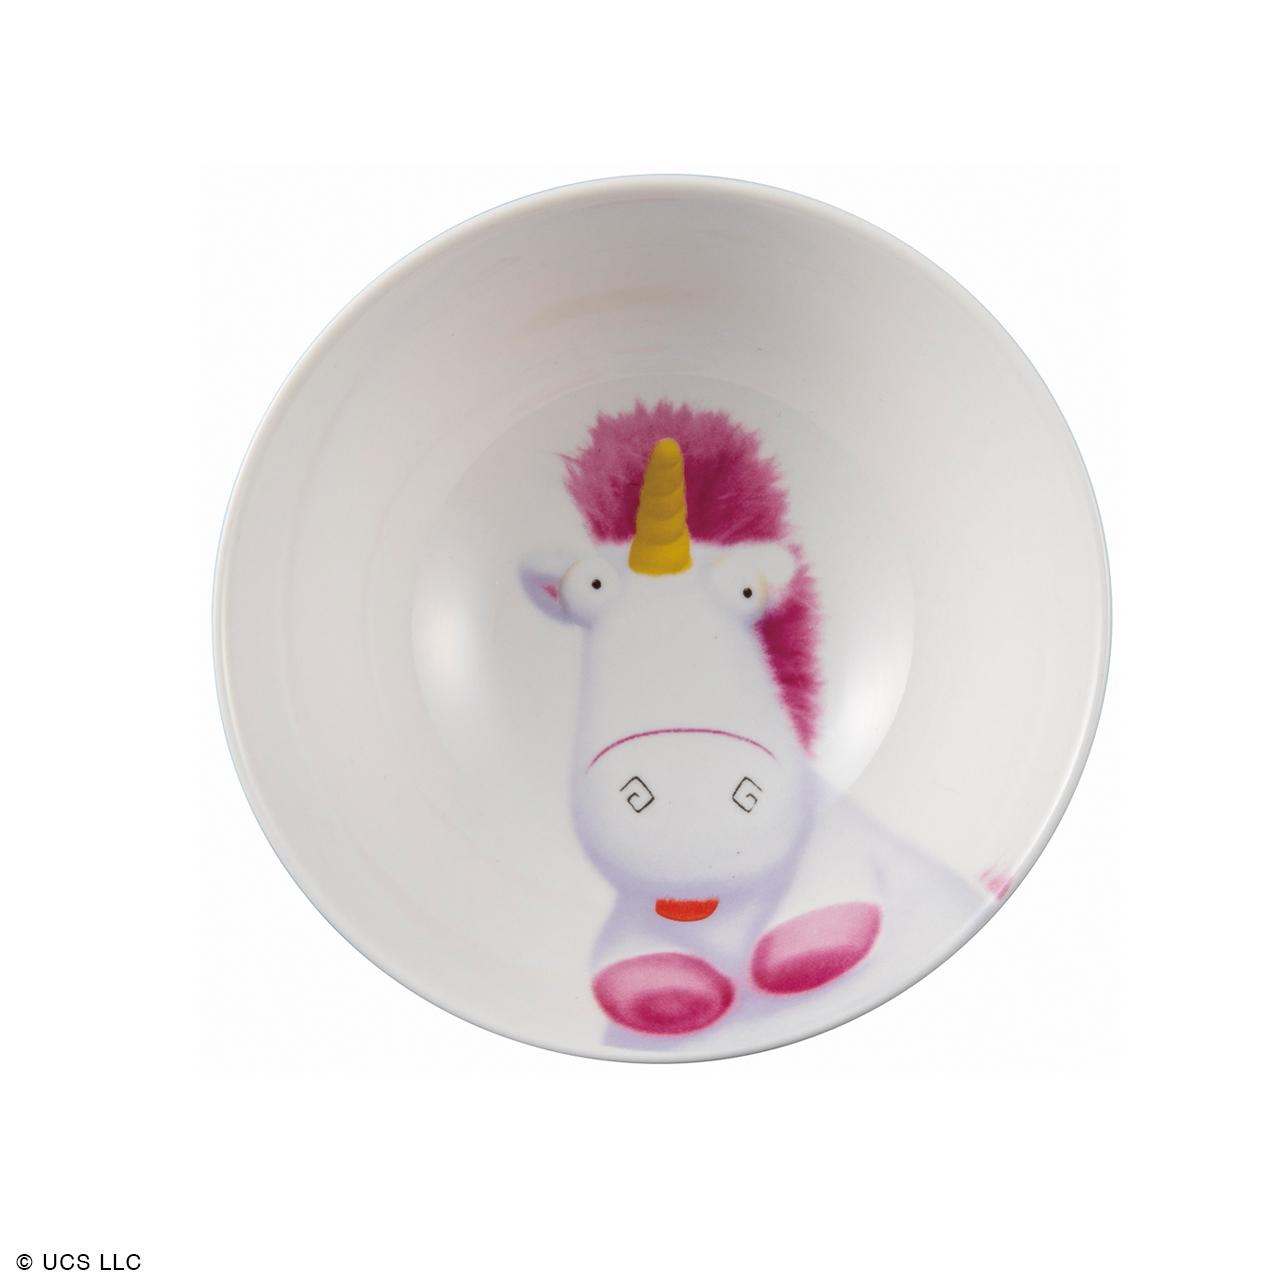 キャラクター茶碗/ミニオン(FLUFFY)